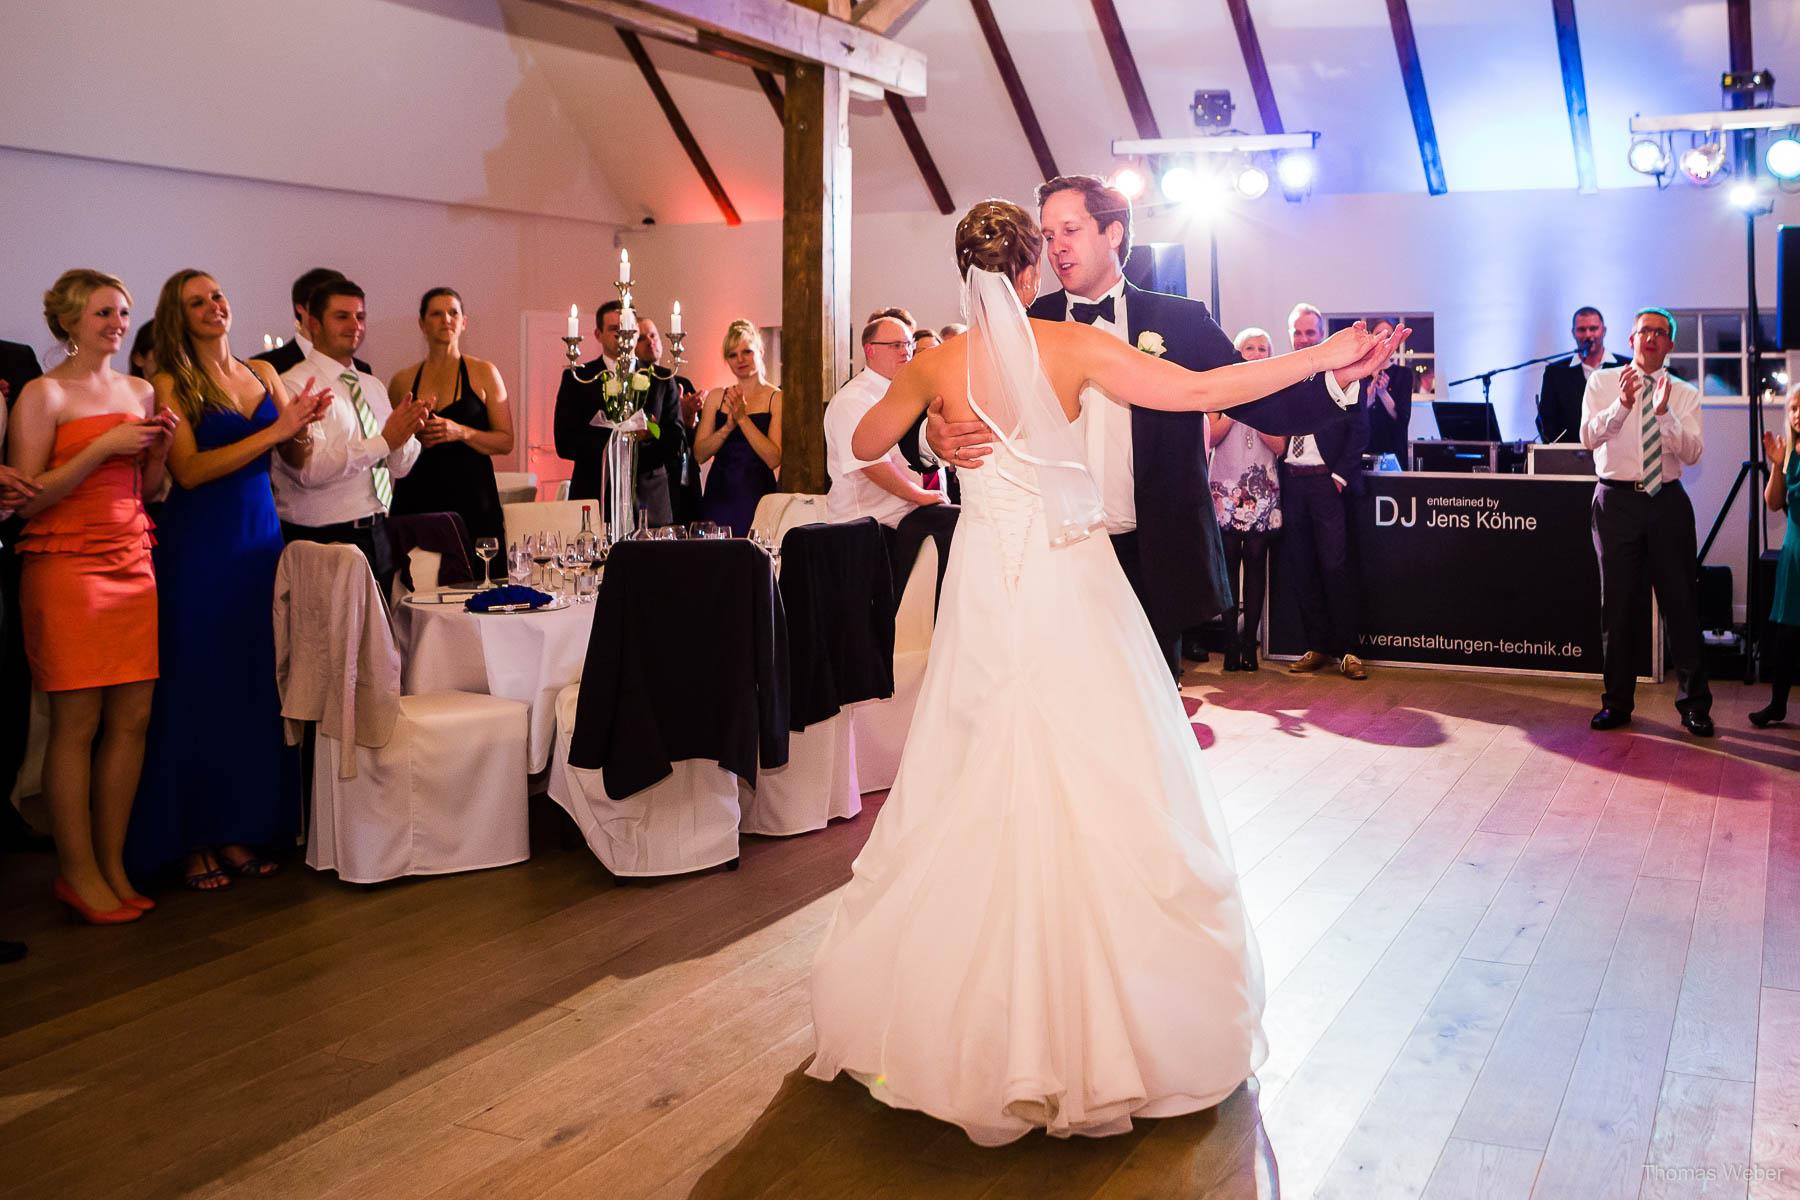 Hochzeit in der St-Ulrichs-Kirche in Rastede und Hochzeitsfeier in der Eventscheune St. Georg Rastede